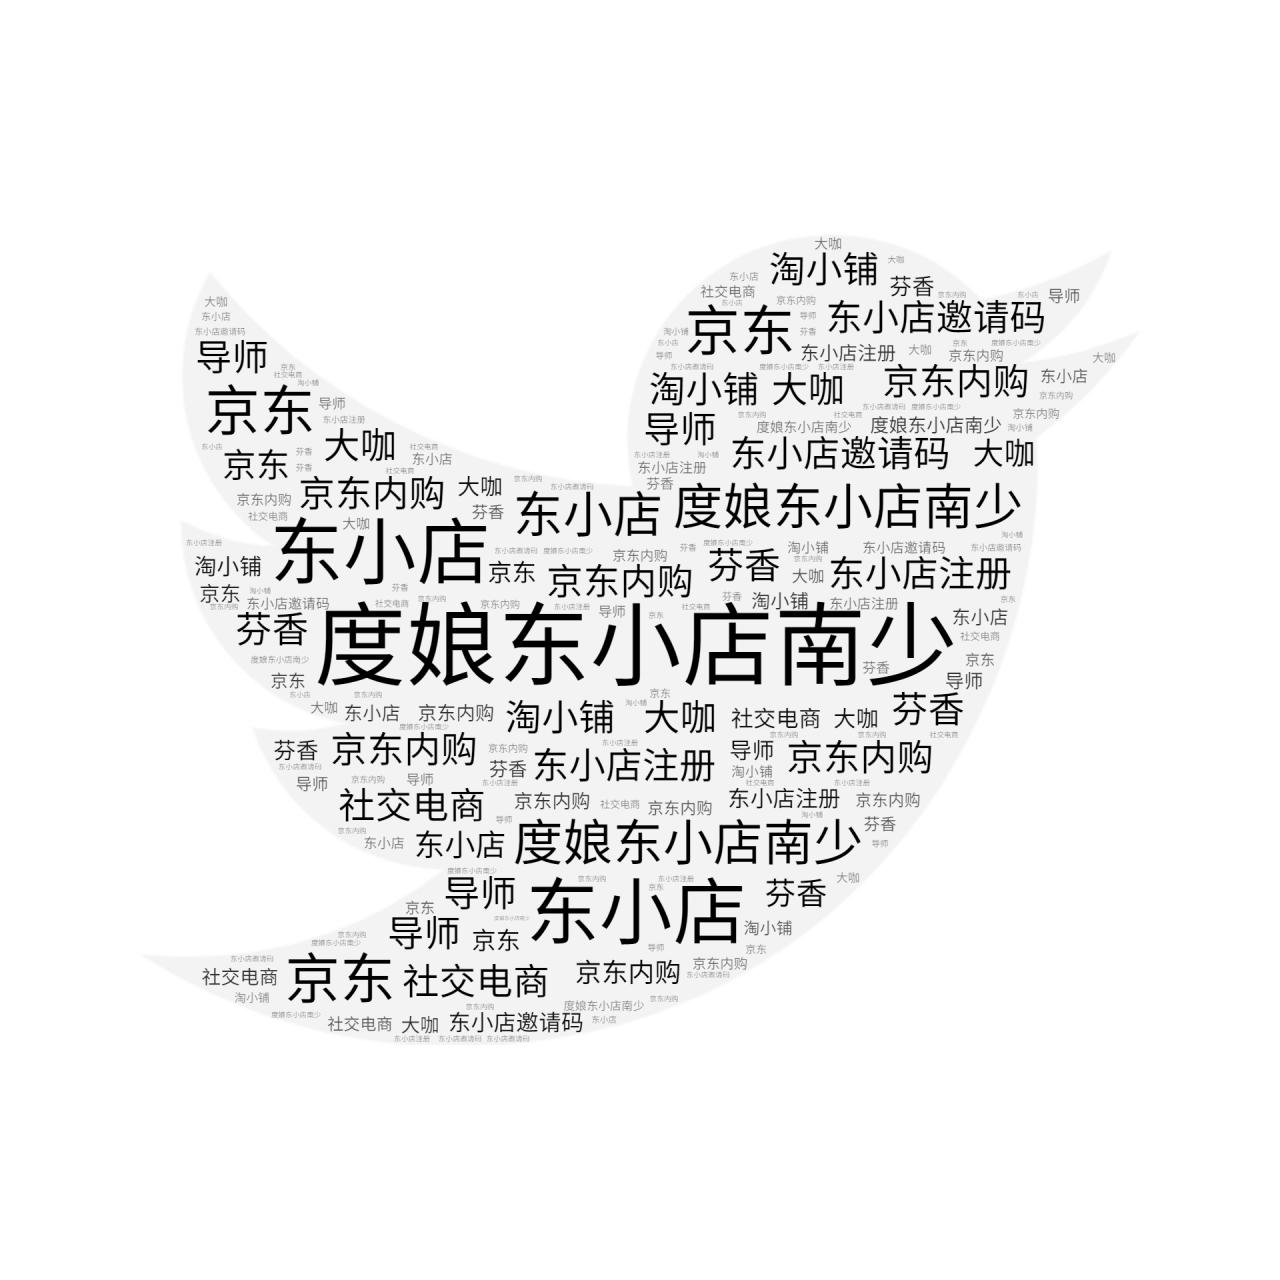 东小店南少:京东小店直播带货怎么开通?东小店网红印钞机计划是什么?插图6